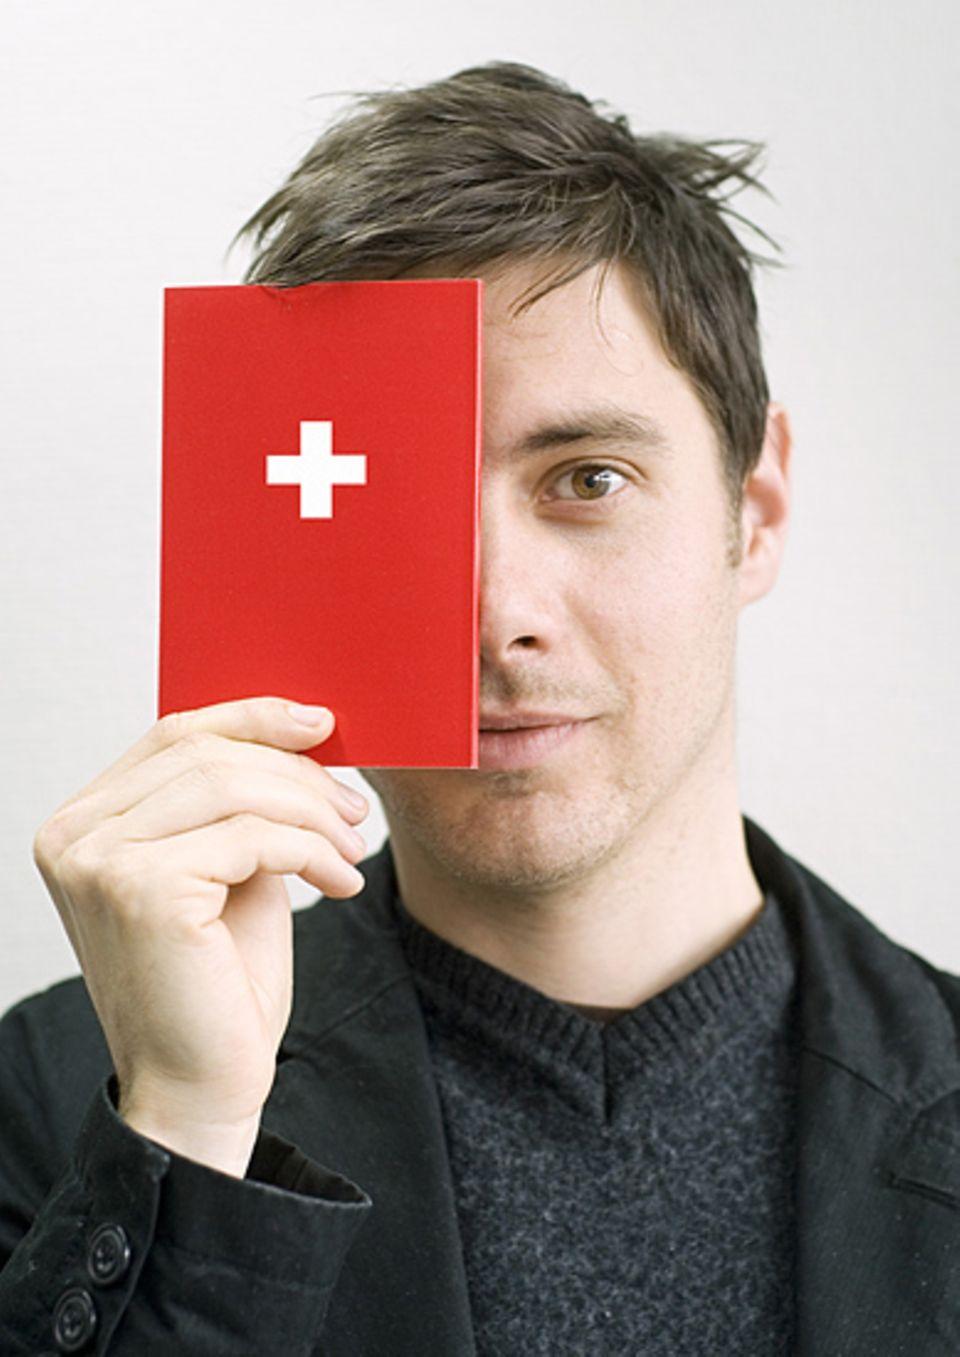 """Hat kein Problem mit der Aussprache von """"Chuchichäschtli"""": Yann Cherix aus Zürich"""